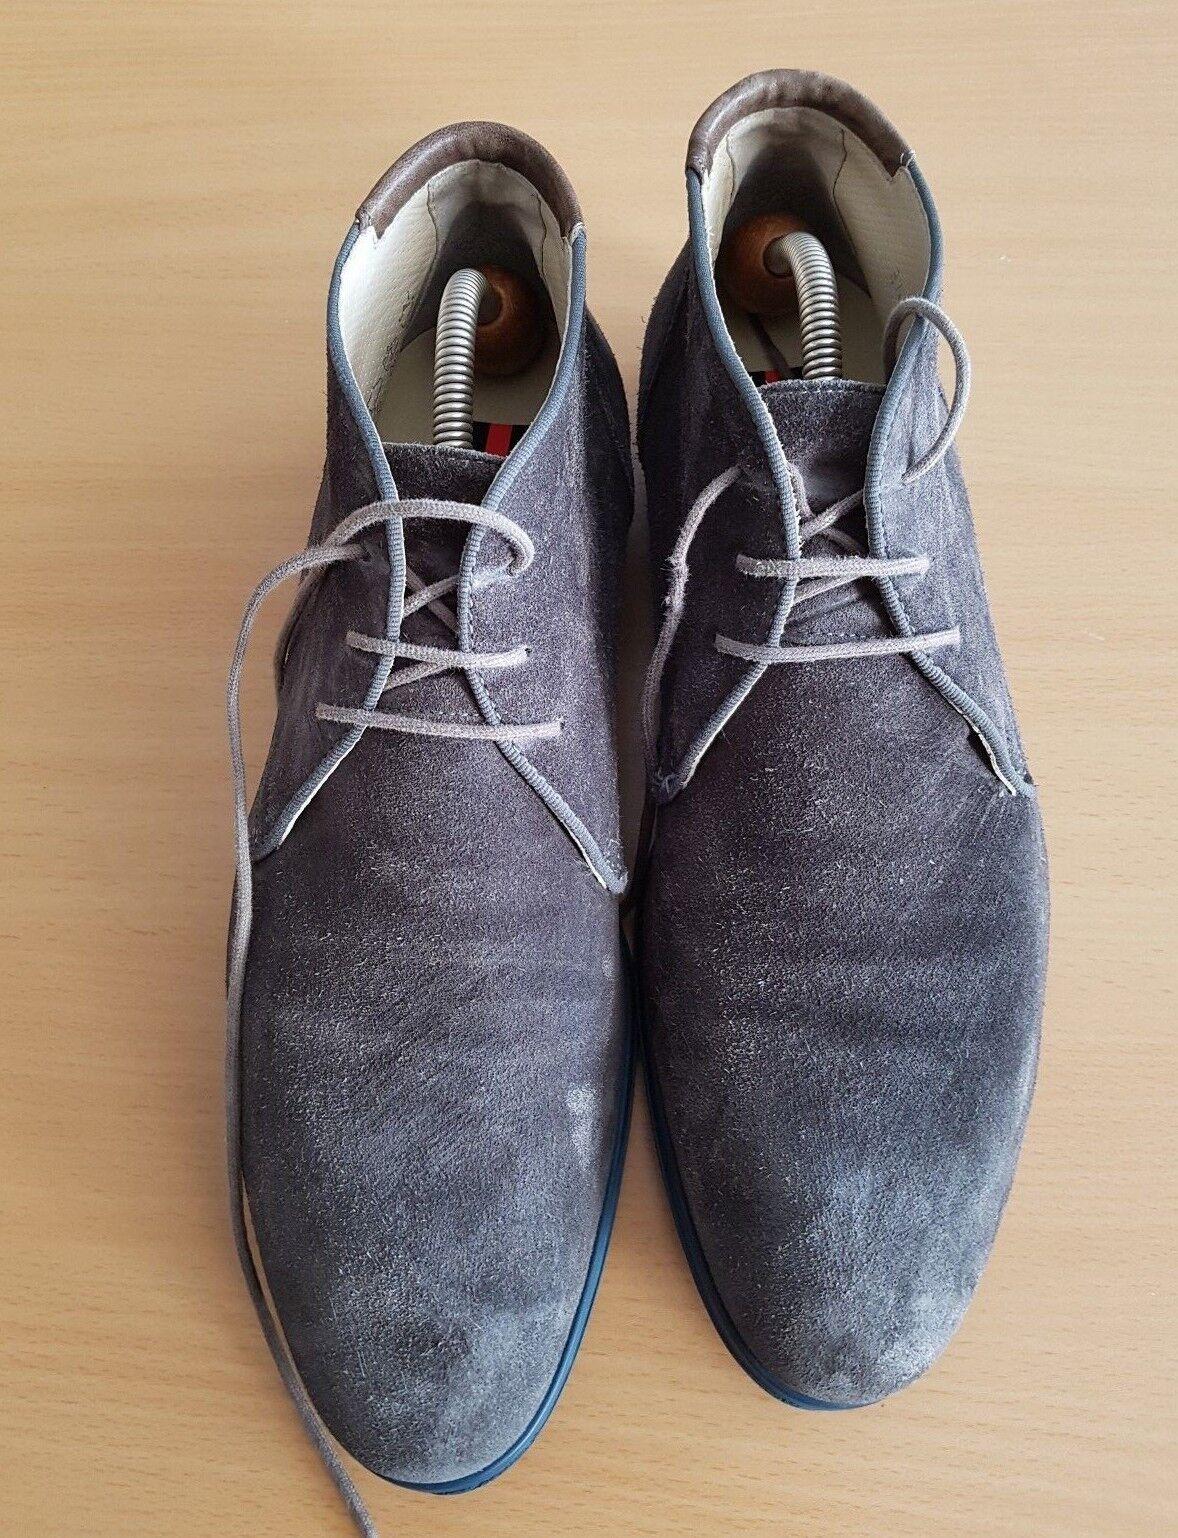 Lloyd Herren Stiefel Gr. Boots Stiefeletten Wildeder grau Gr. Stiefel 8.5 / 42.5 579d82